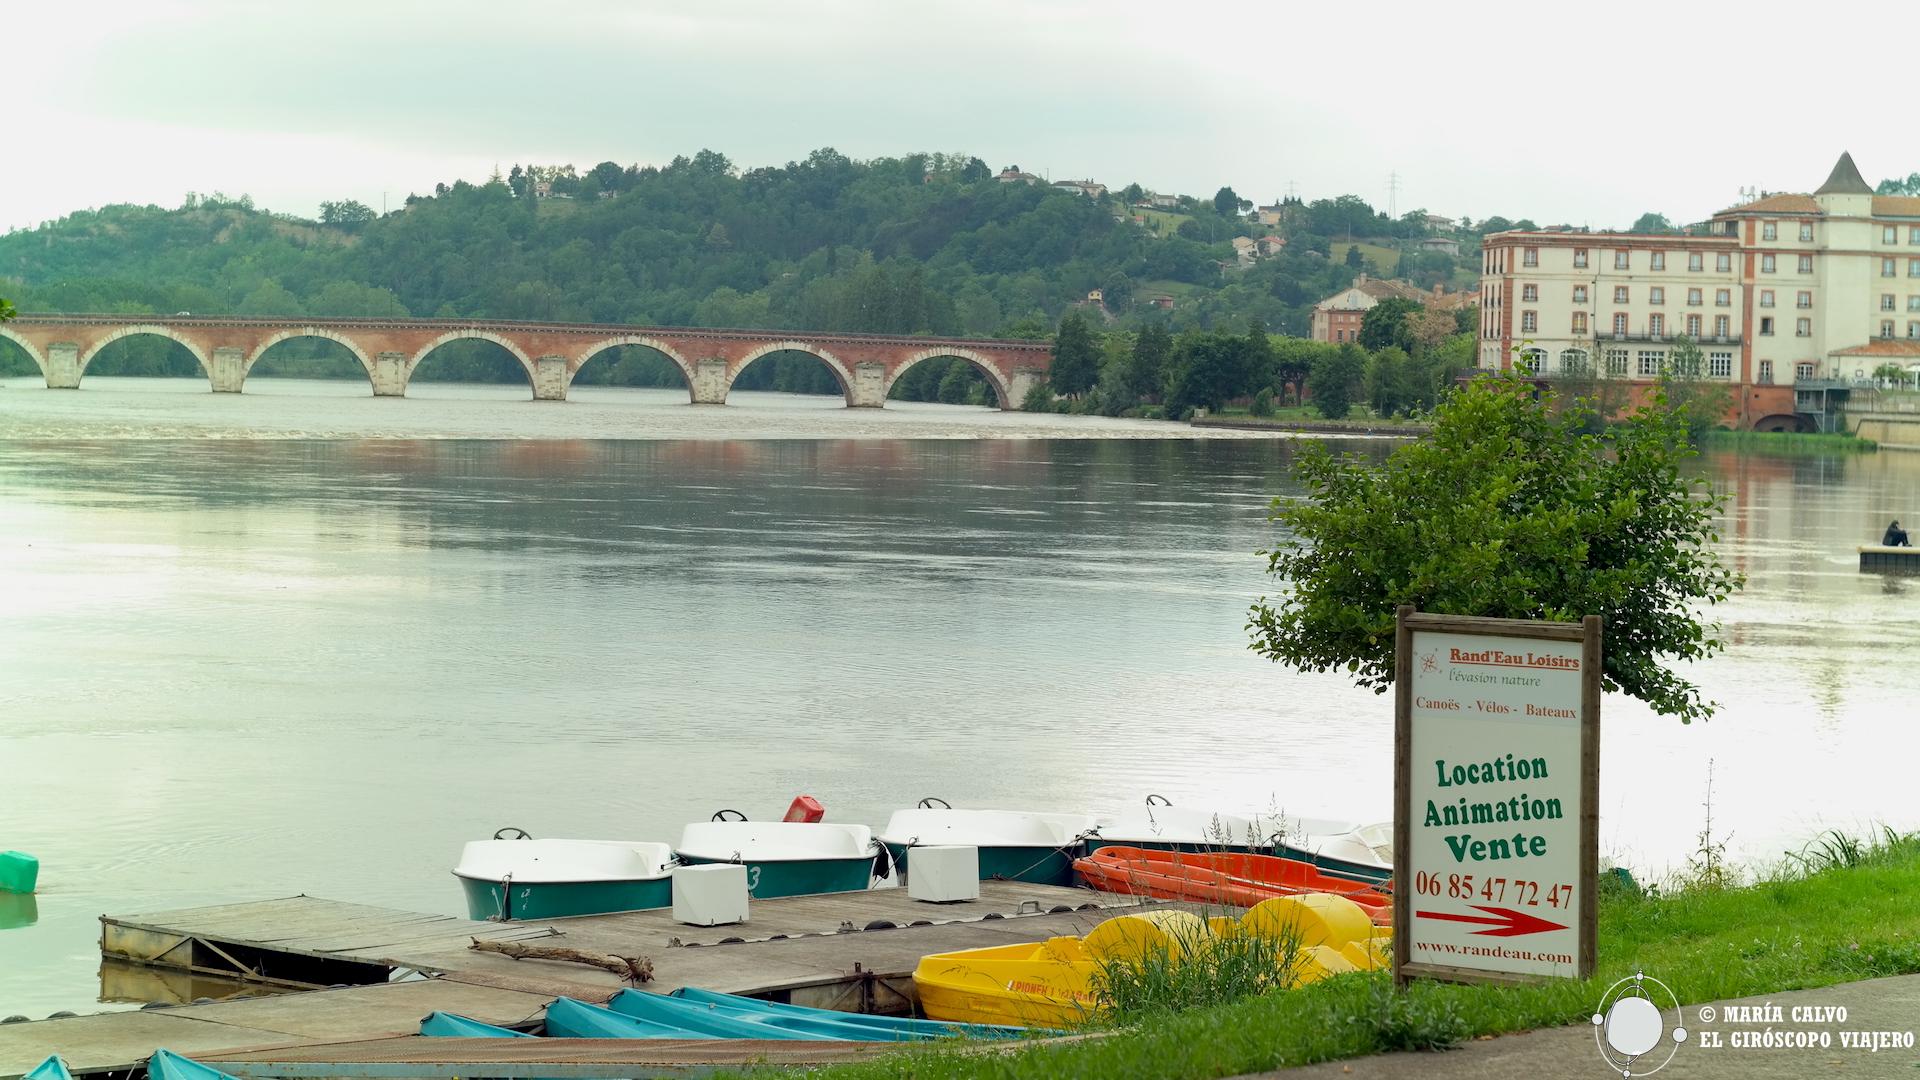 Alquiler de bicicletas, barcas, canoas,...en Moissac